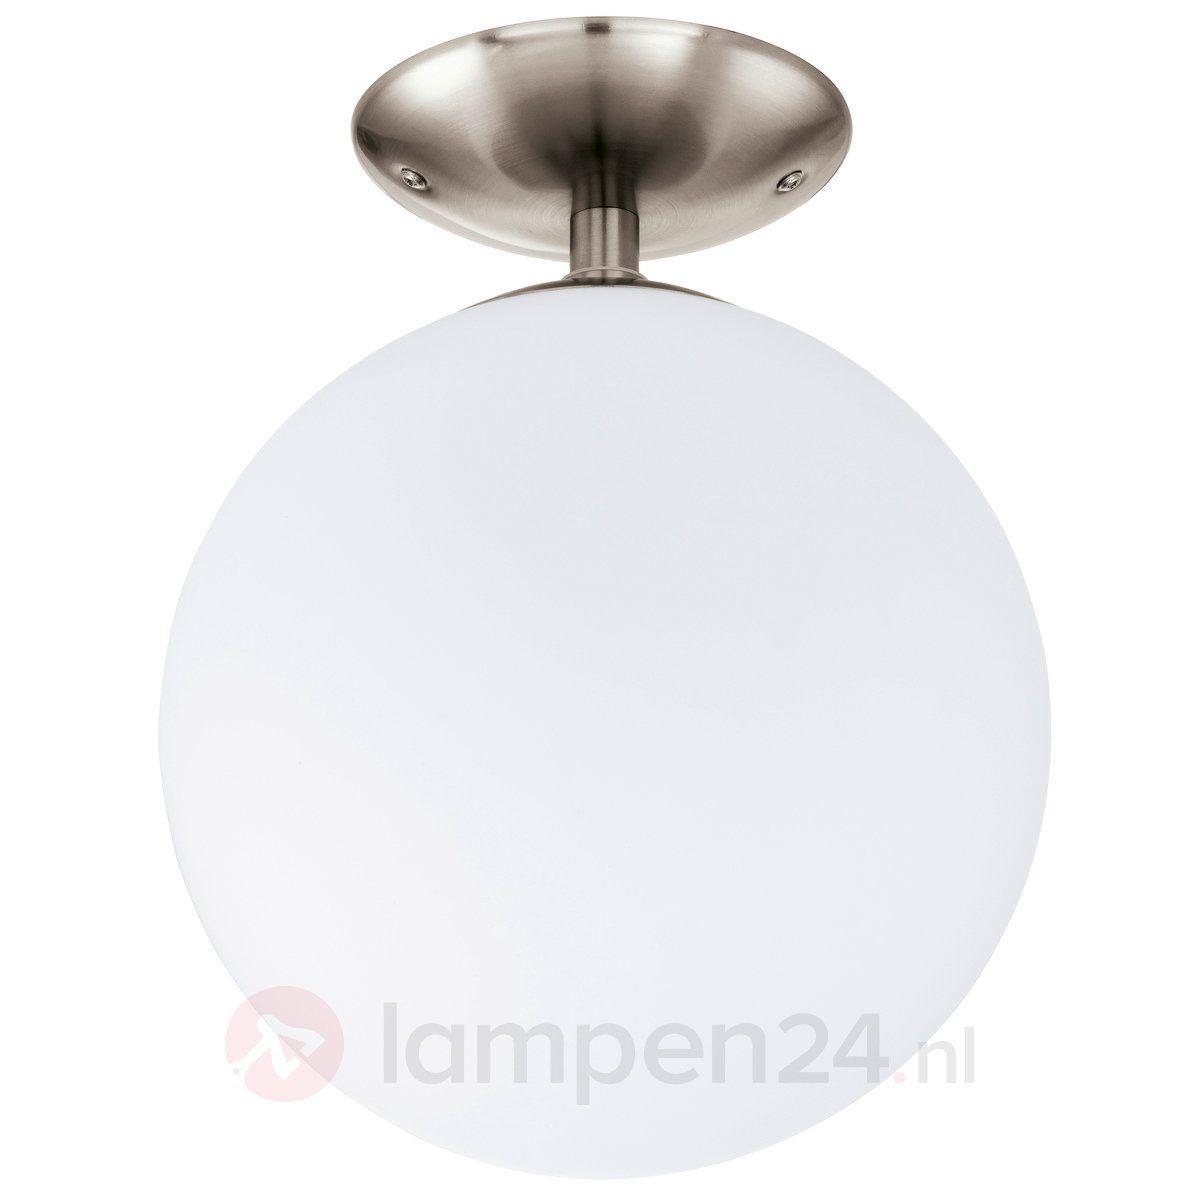 lampen 24 online shop eintrag bild und cbedfcafcacaeb